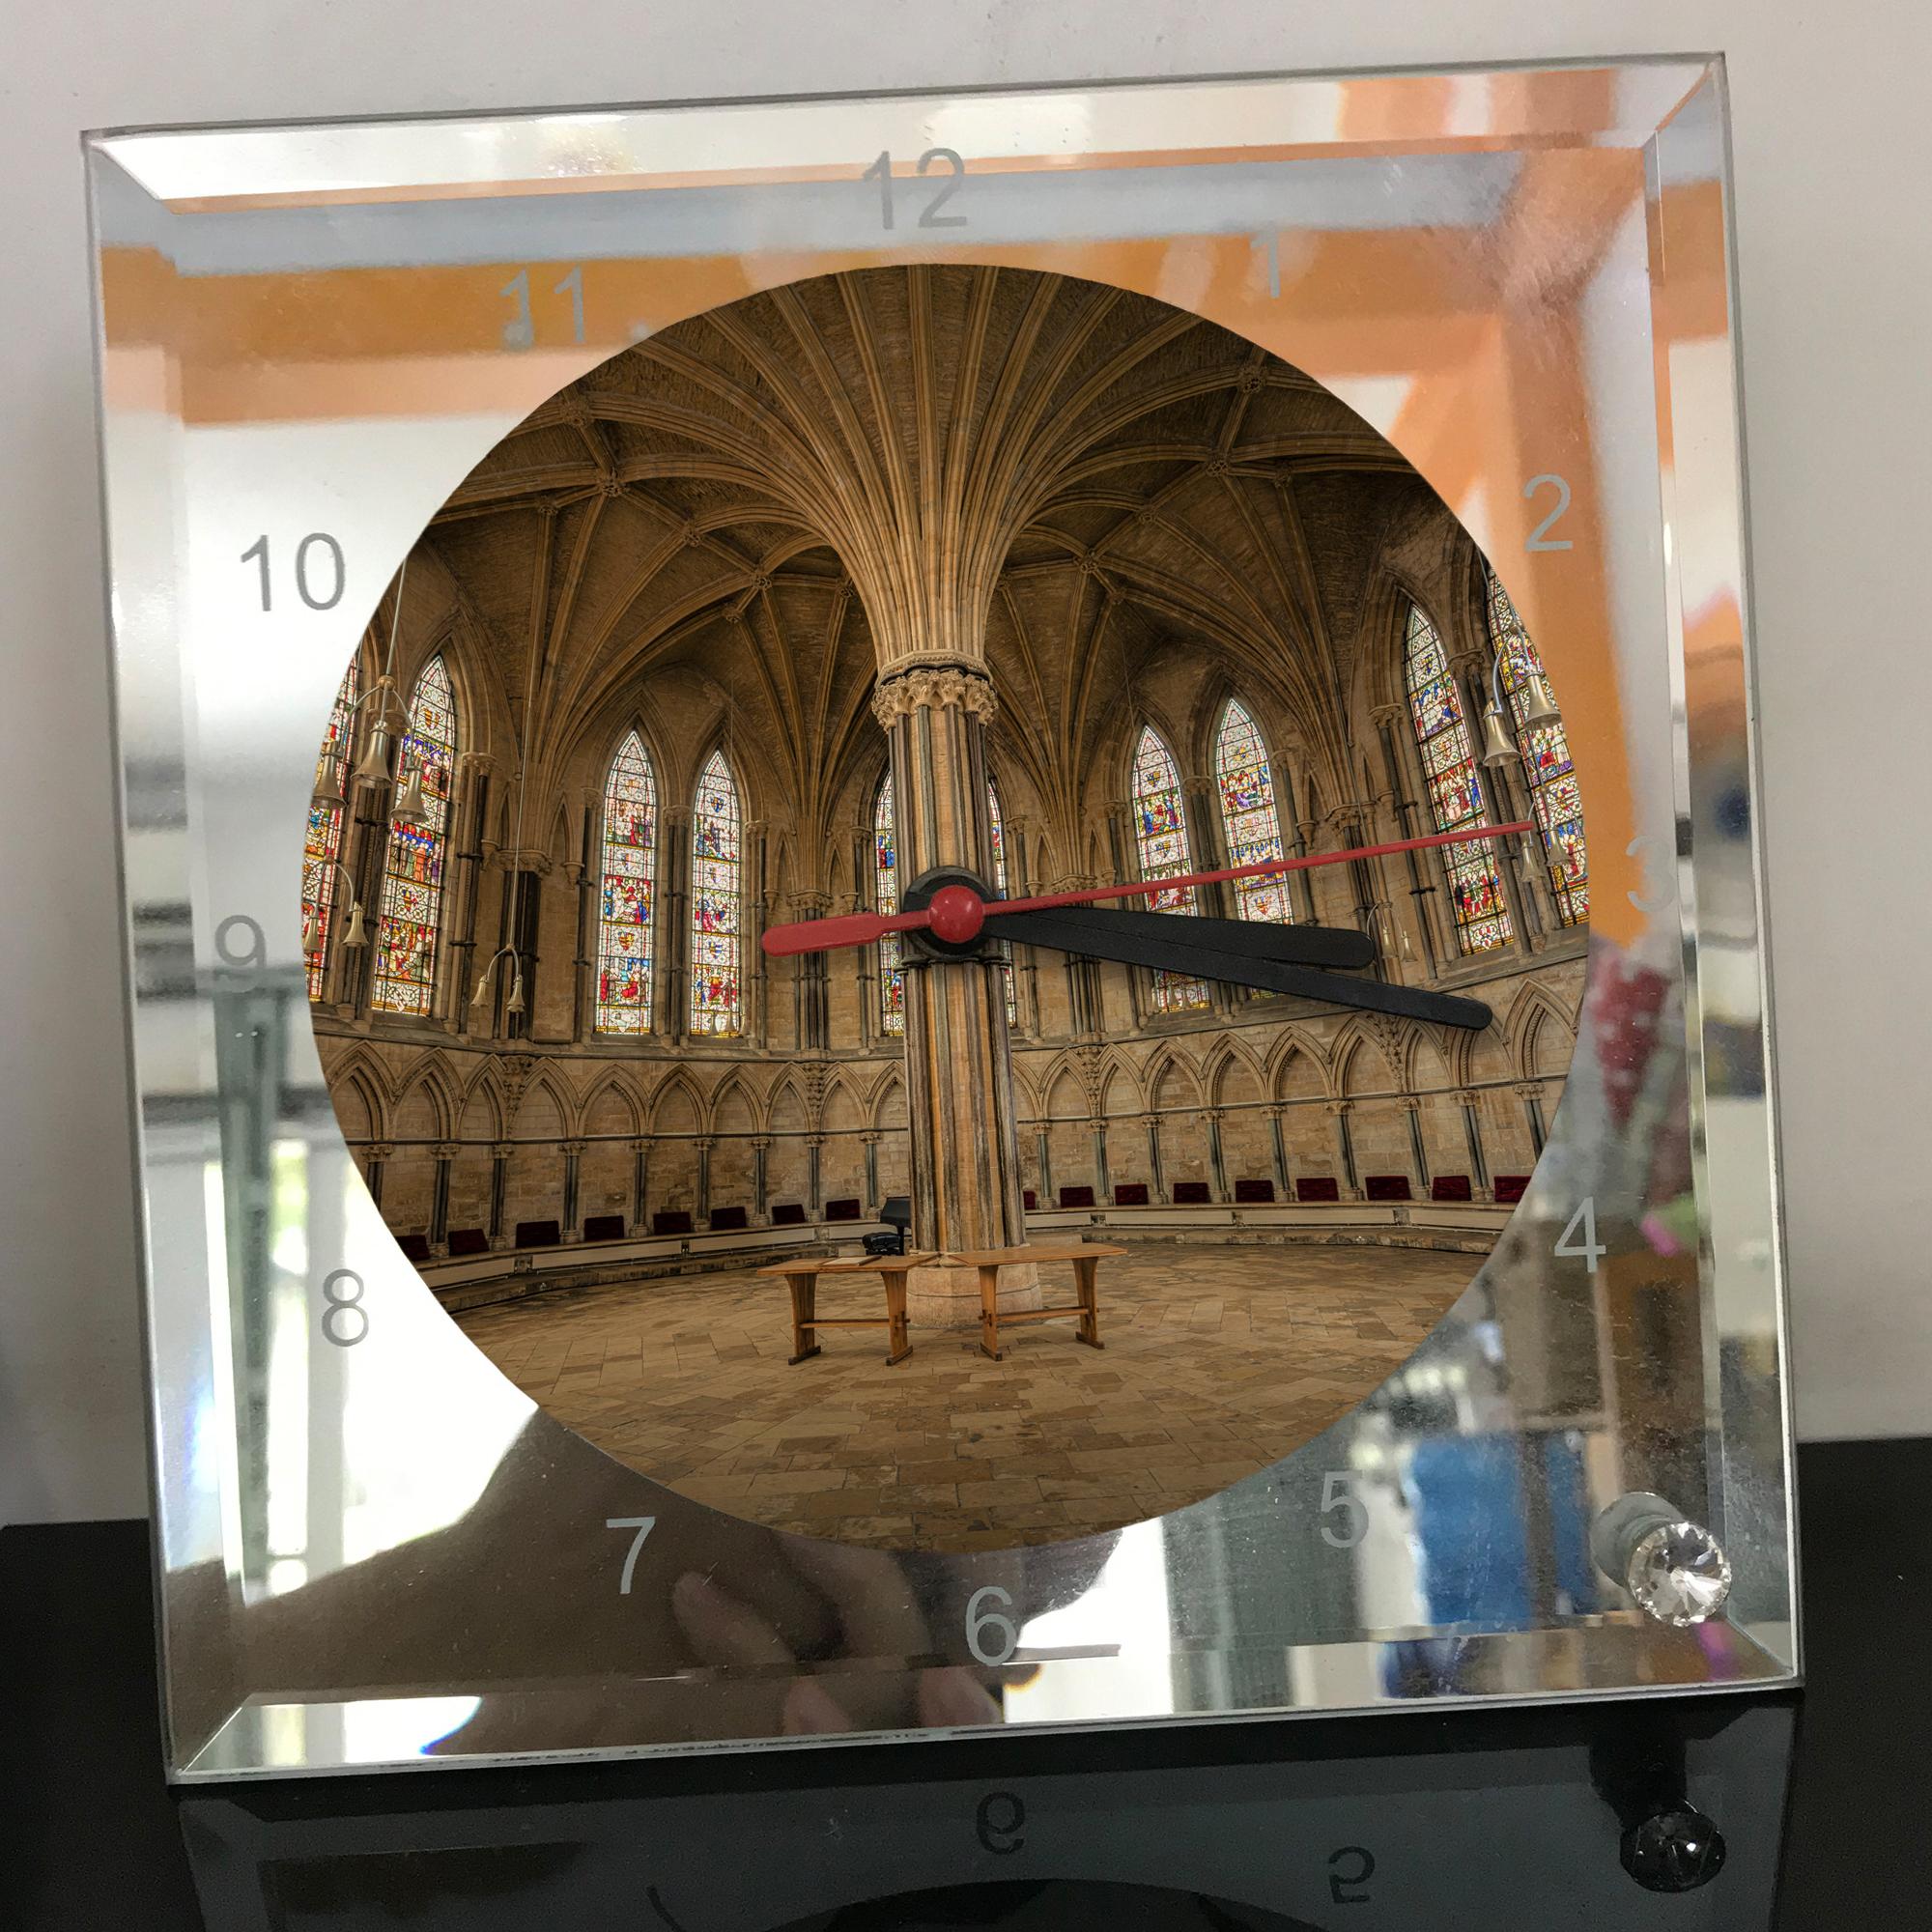 Đồng hồ thủy tinh vuông 20x20 in hình Cathedral - nhà thờ chính tòa (80) . Đồng hồ thủy tinh để bàn trang trí đẹp chủ đề tôn giáo